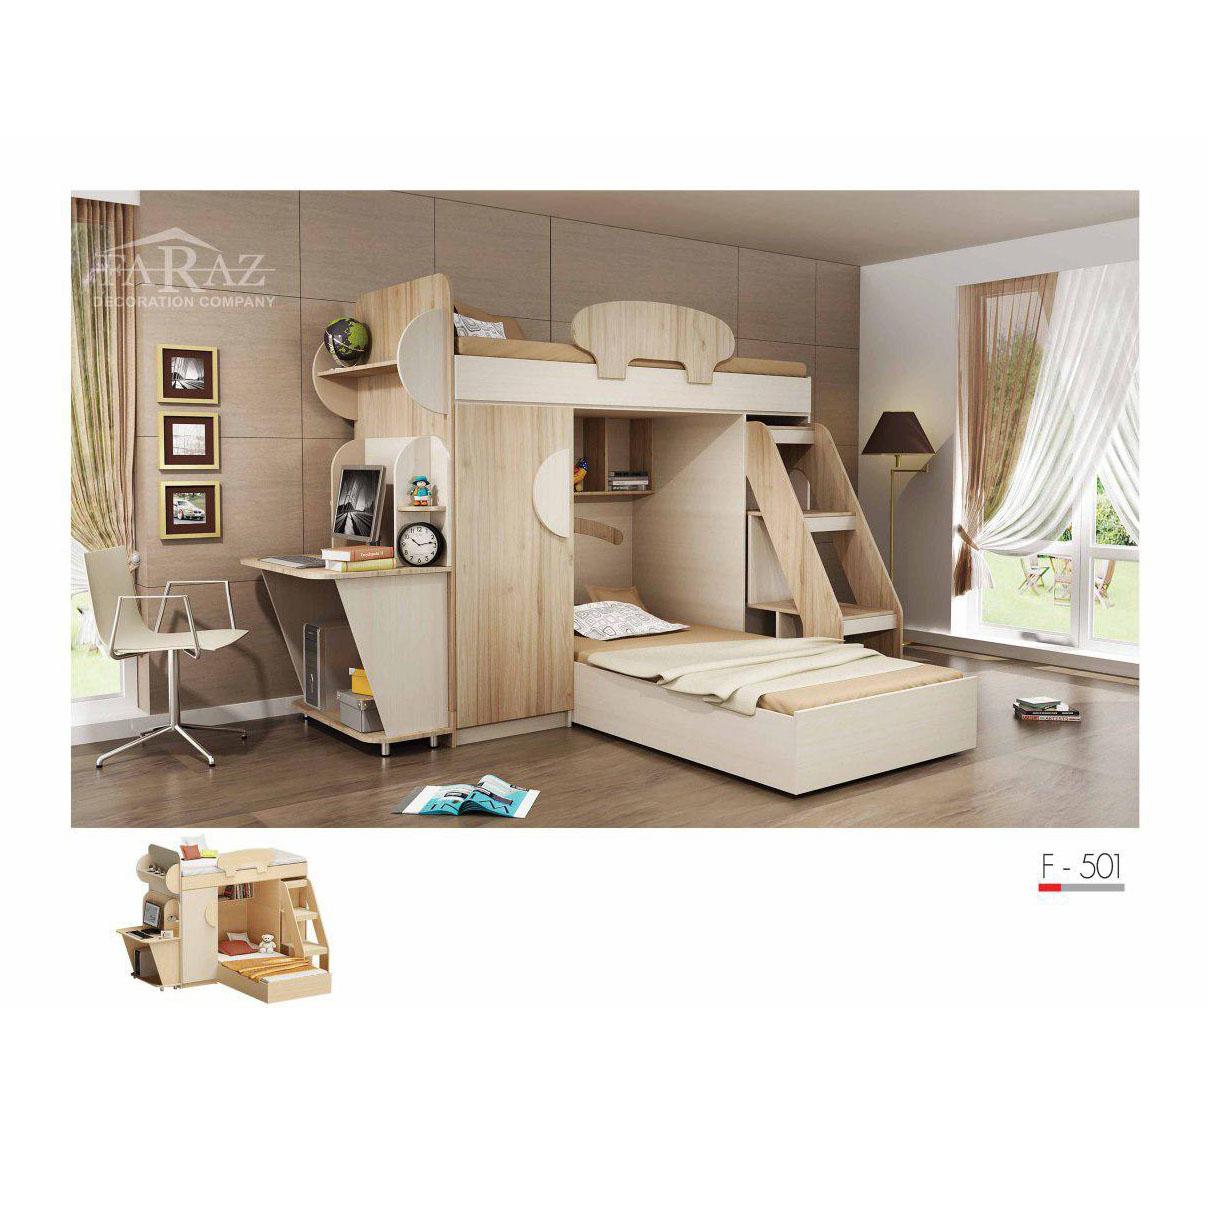 سرویس تخت خواب دوطبقه نوجوان مدل F-501